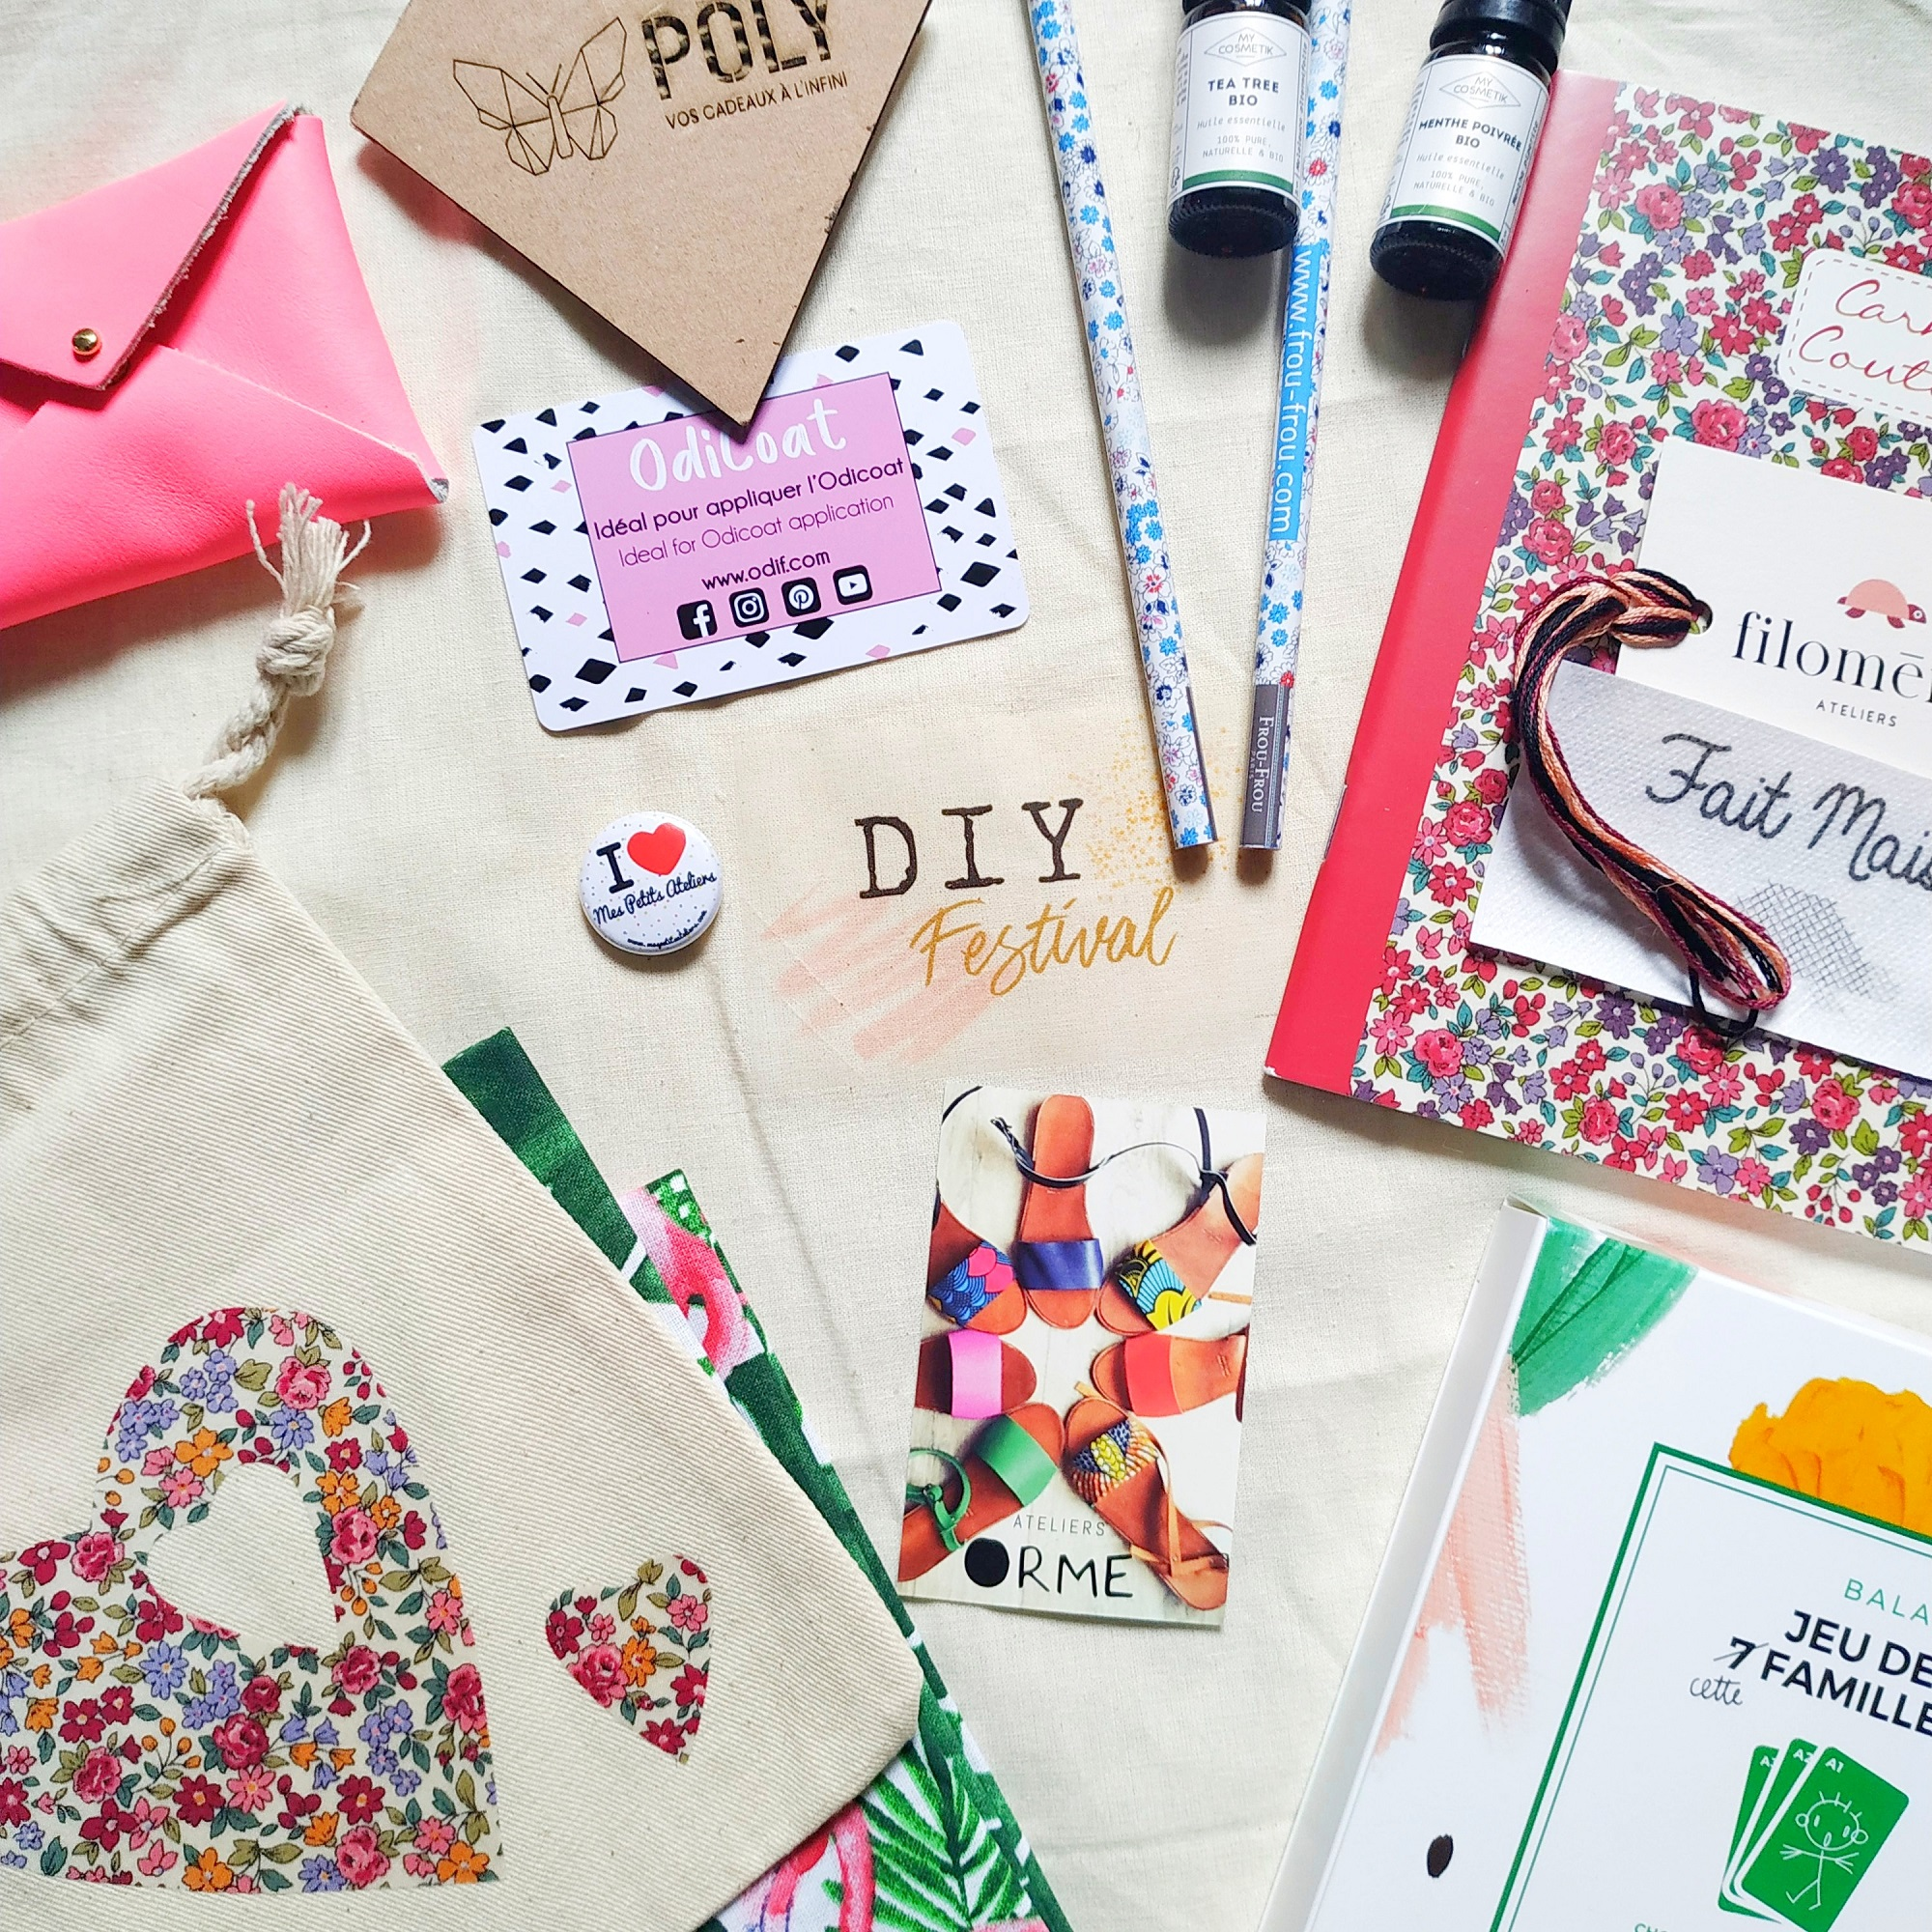 5 idées cadeaux DIY Festival